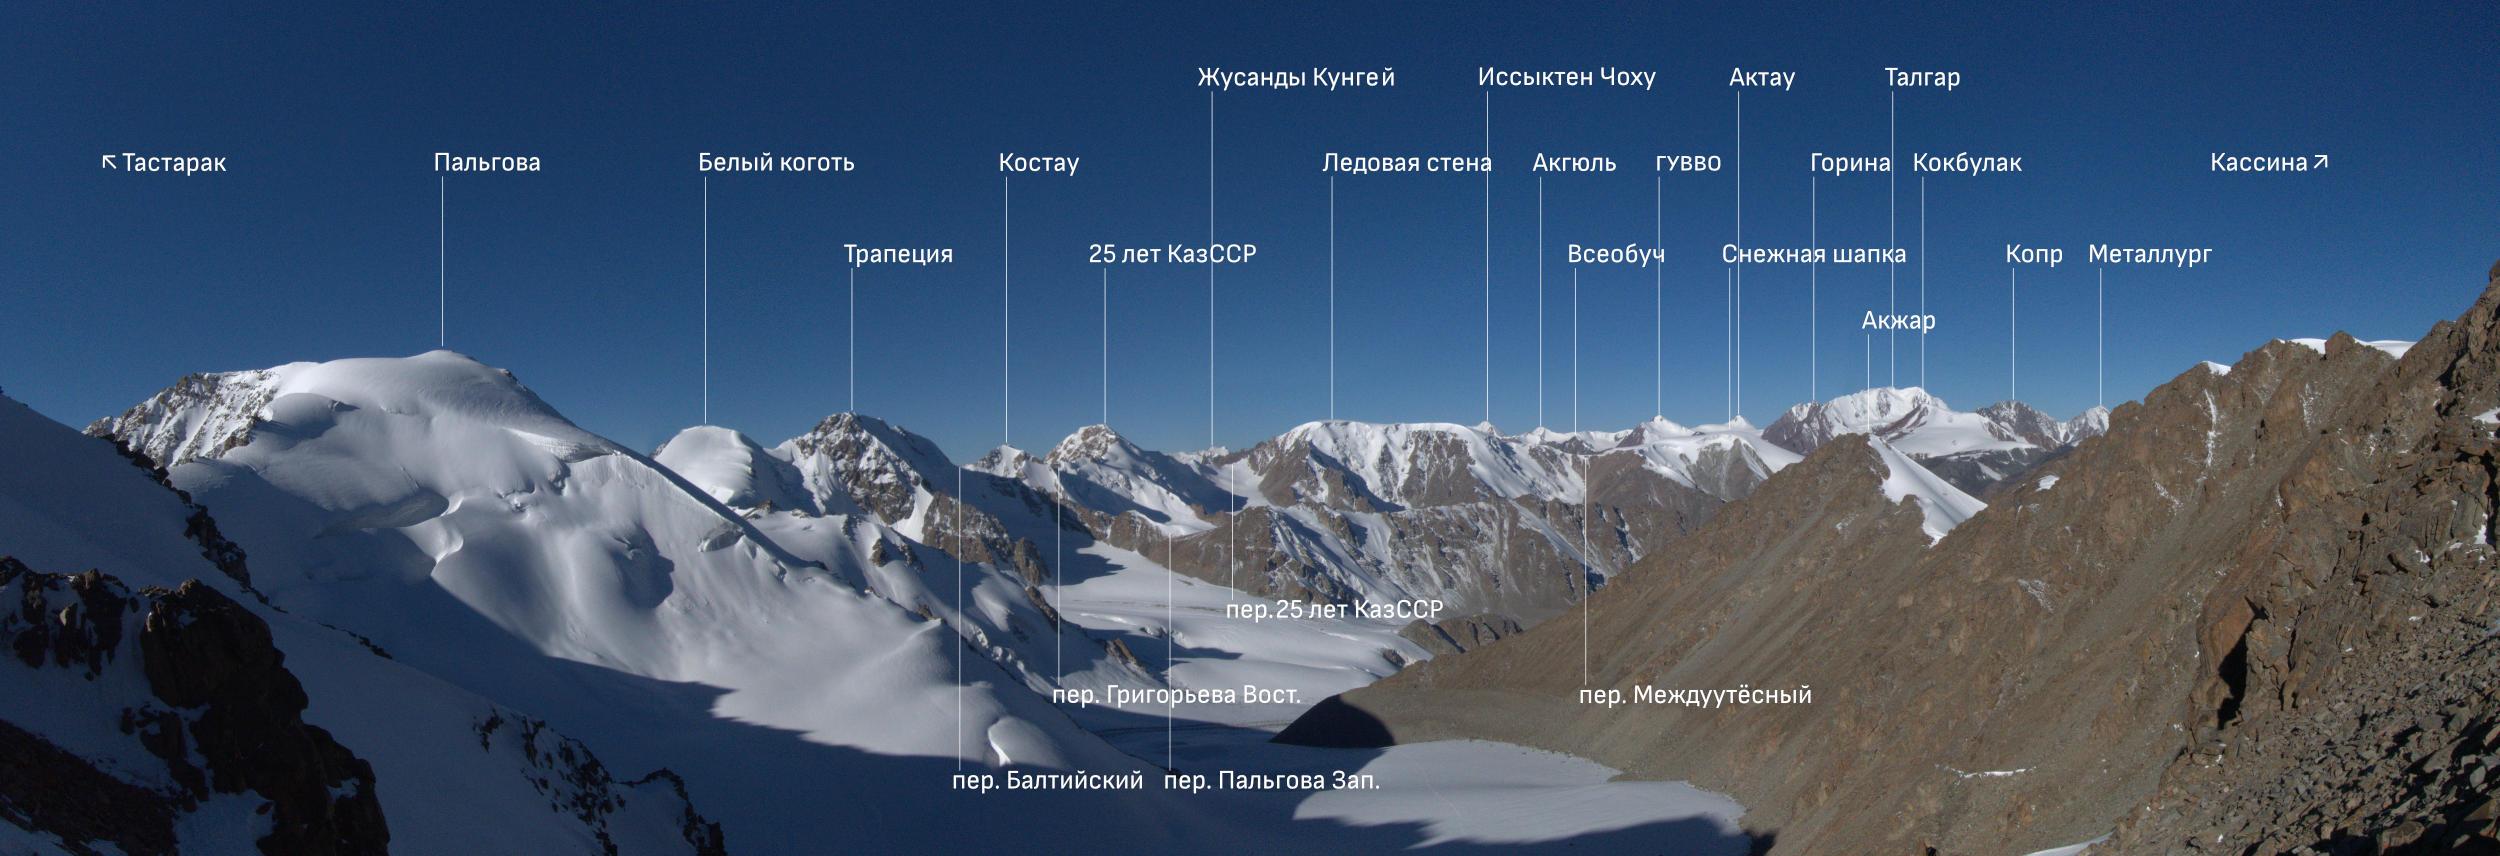 Панорама с подписанными вершинами и перевалами. Вид на запад с пер. Пальгова